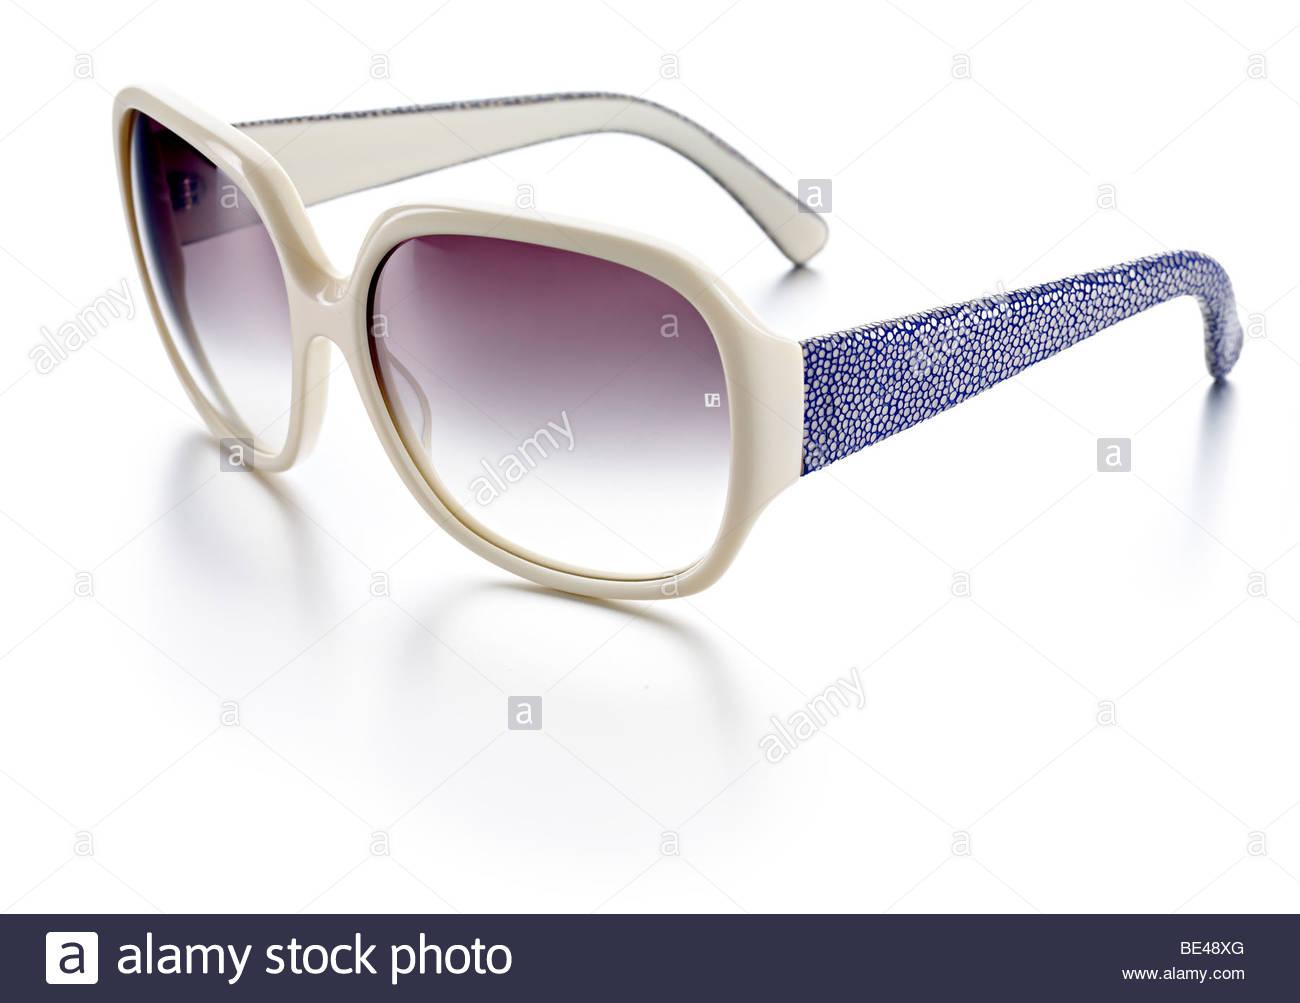 Sunglasses blue cream color ladies - Stock Image